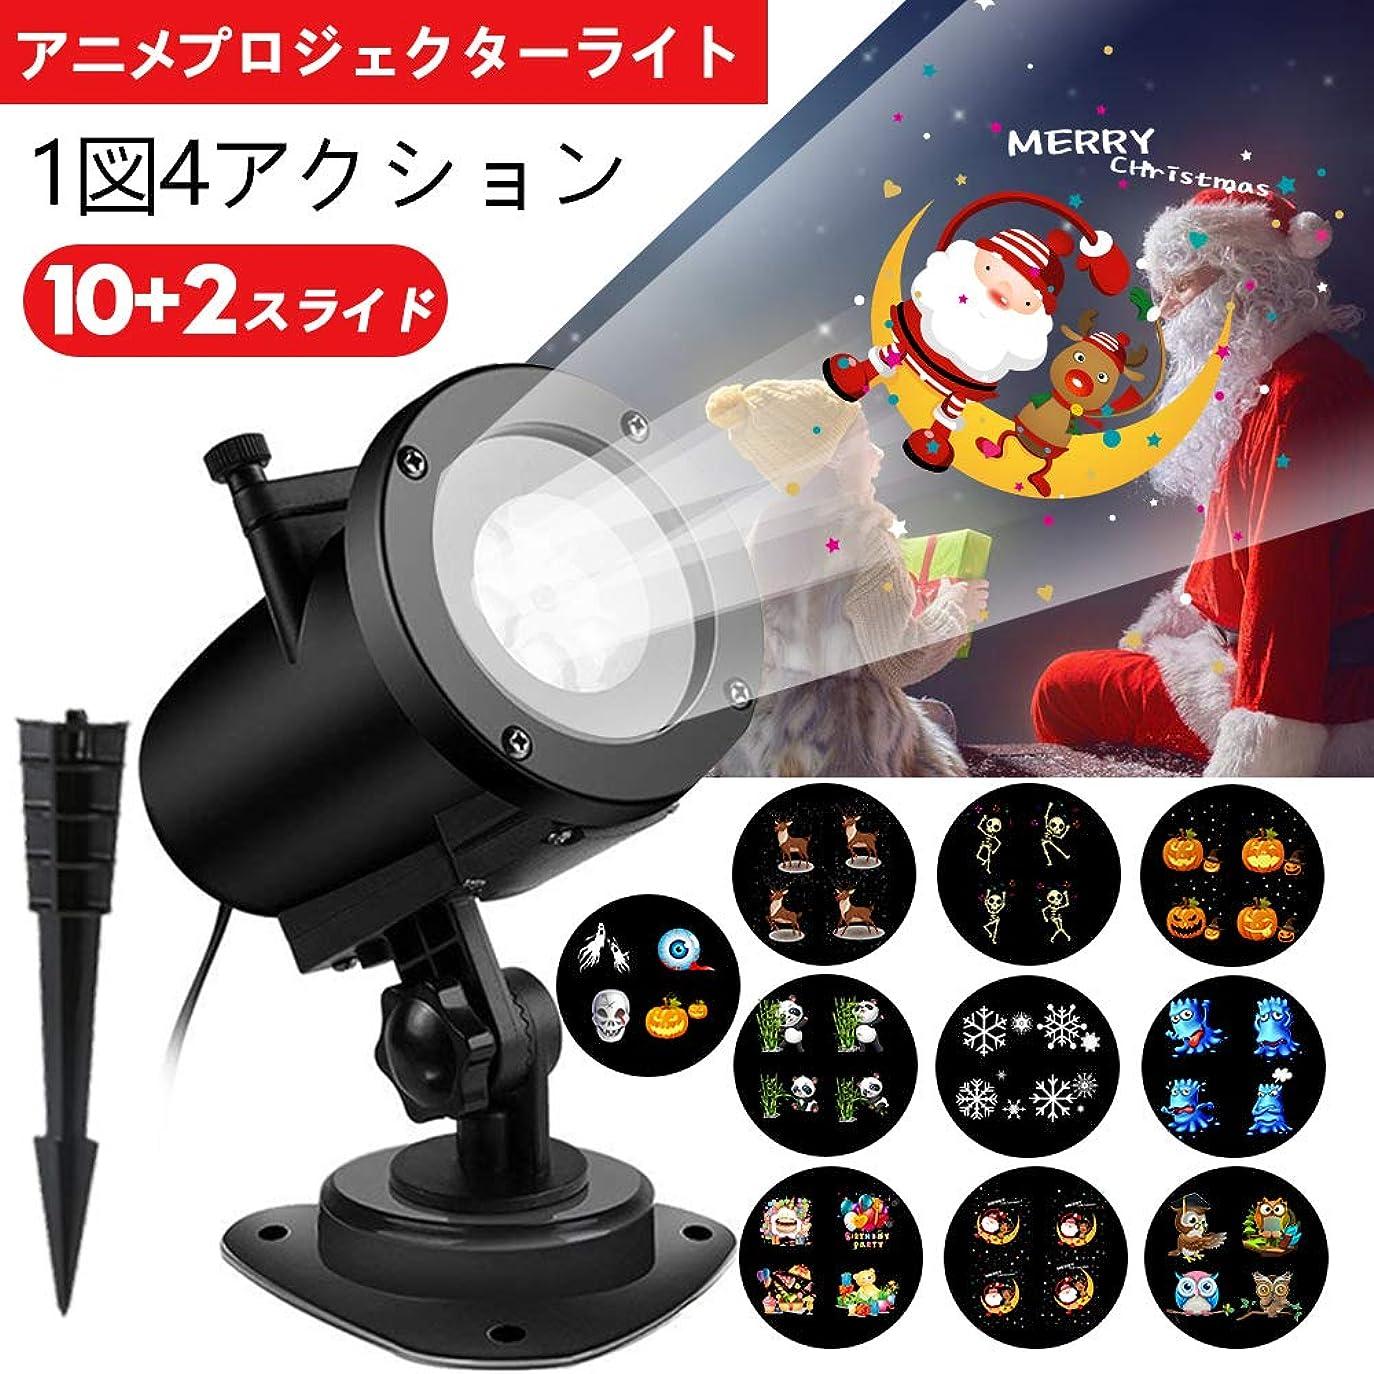 あたり理容室所有権LEDクリスマスプロジェクションランプ 5Wアニメ 投影ランプ 12枚独占デザインのフィルム 子供の誕生日プレゼント ハロウィン ホリデー 結婚式 パーティー 飾り用 IP65防水 ガーデンライト